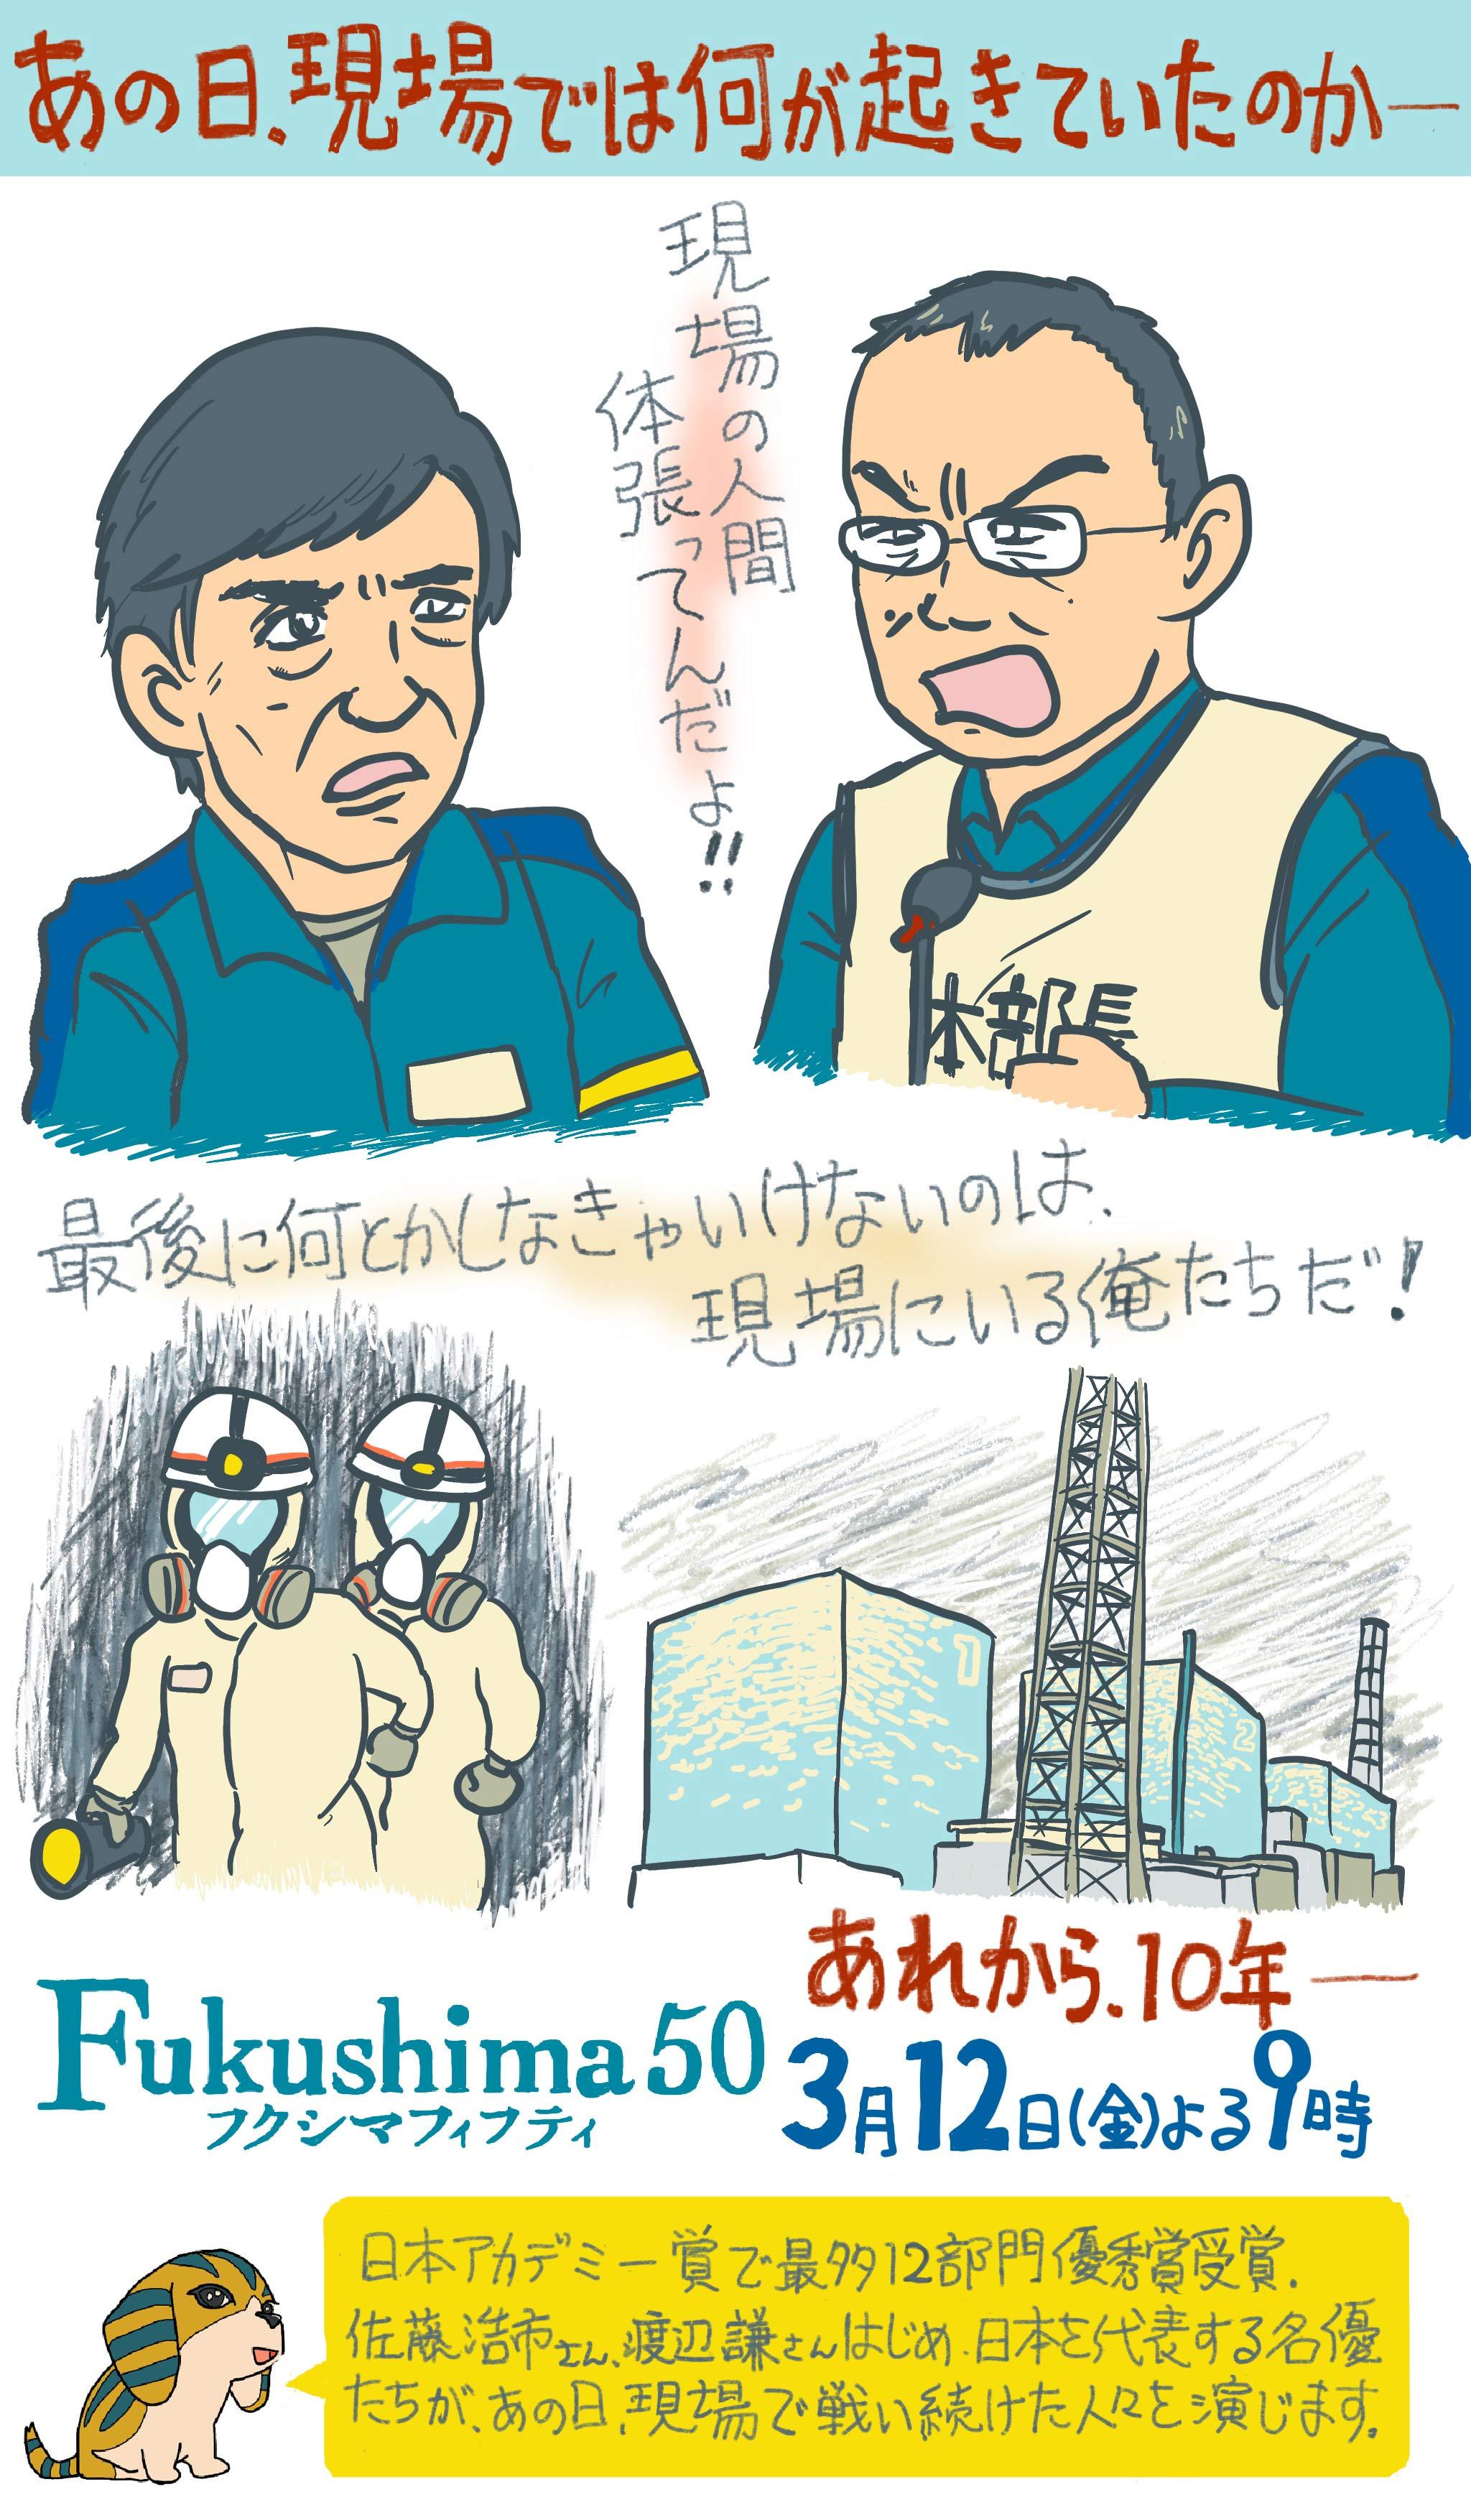 Fukushima 50のイラストレビュー